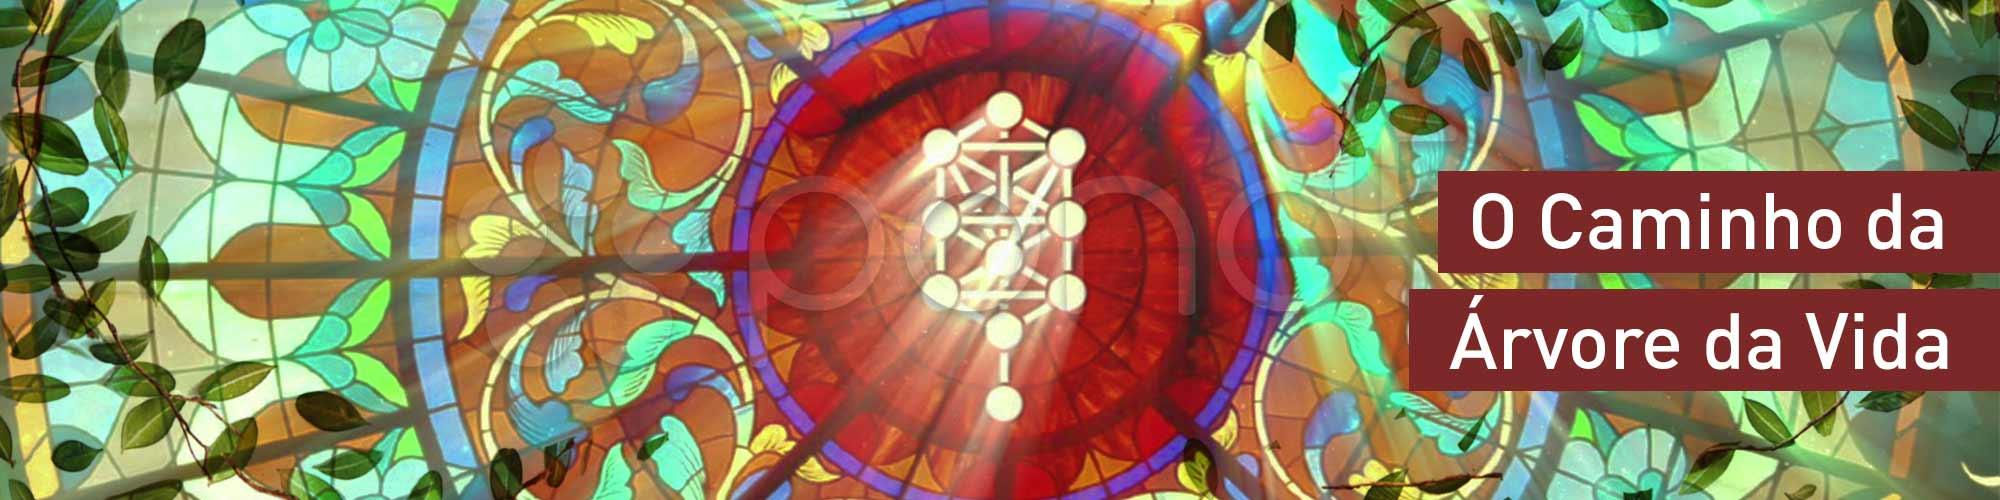 Compreenda os mistérios do criador e da criação através dos estudos da Kabbalah